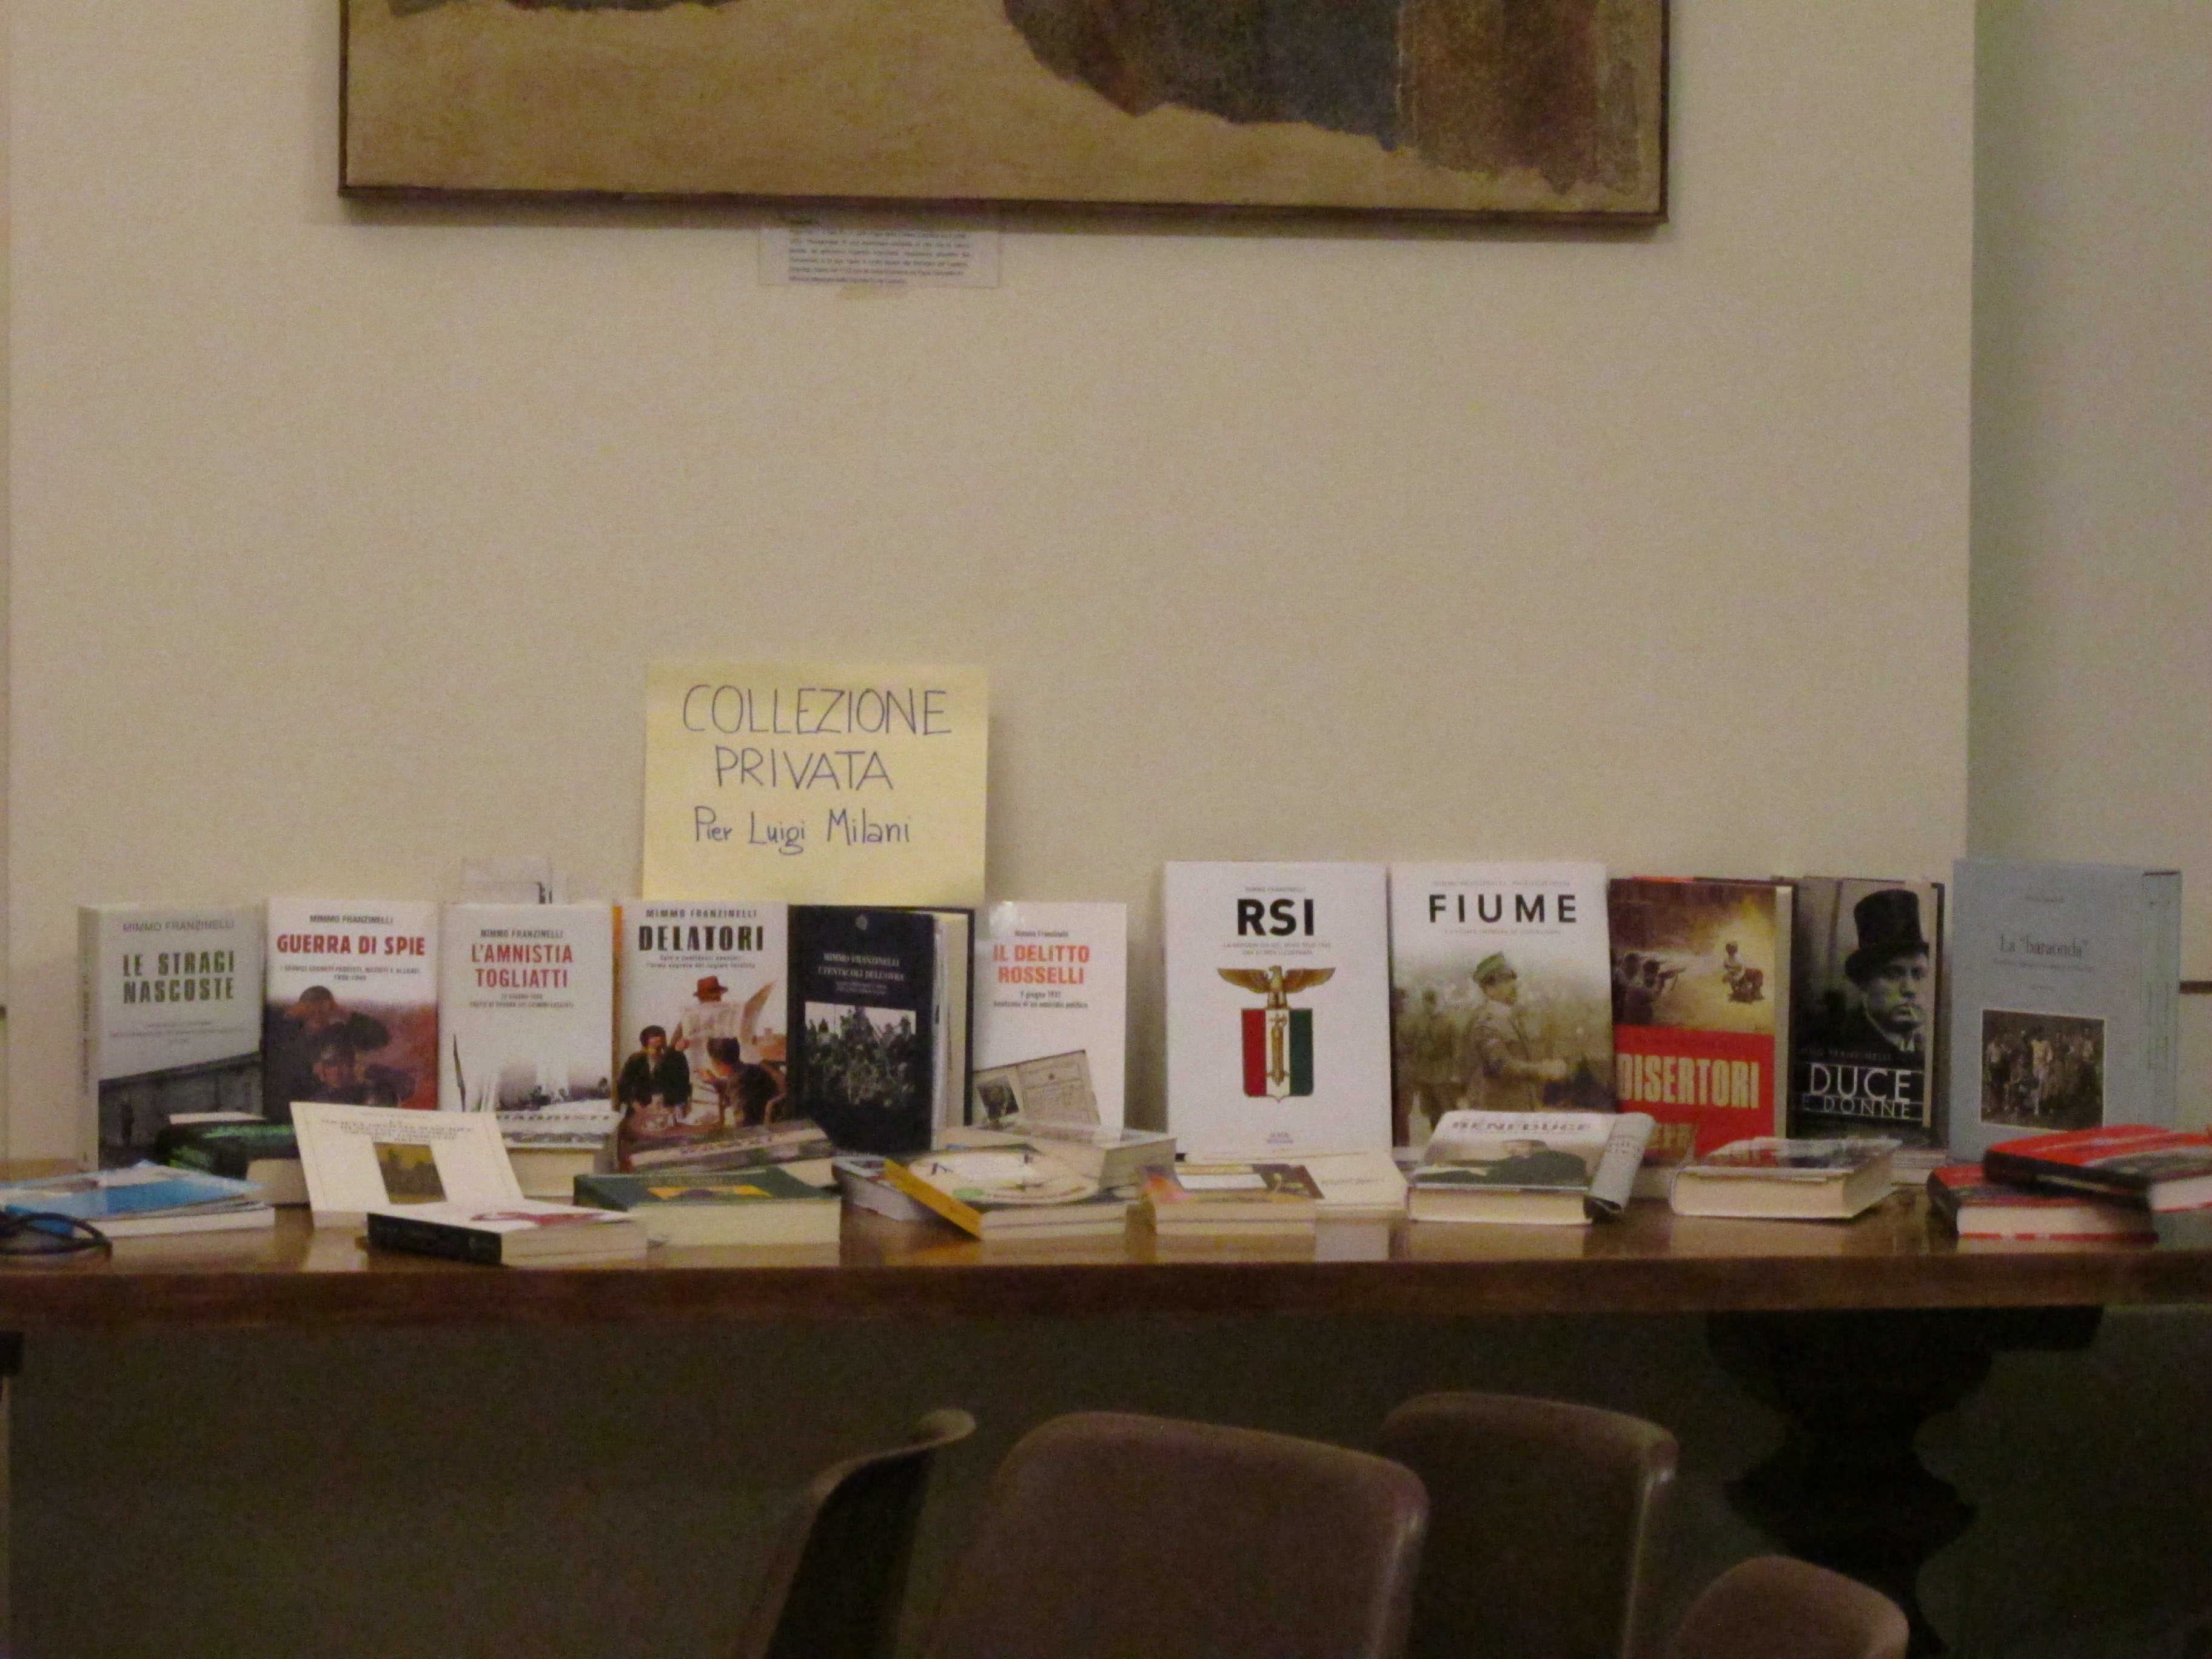 07_presentazione Il tribunale del Duce di Mimmo Franzinelli_20 aprile 2017 a Malegno